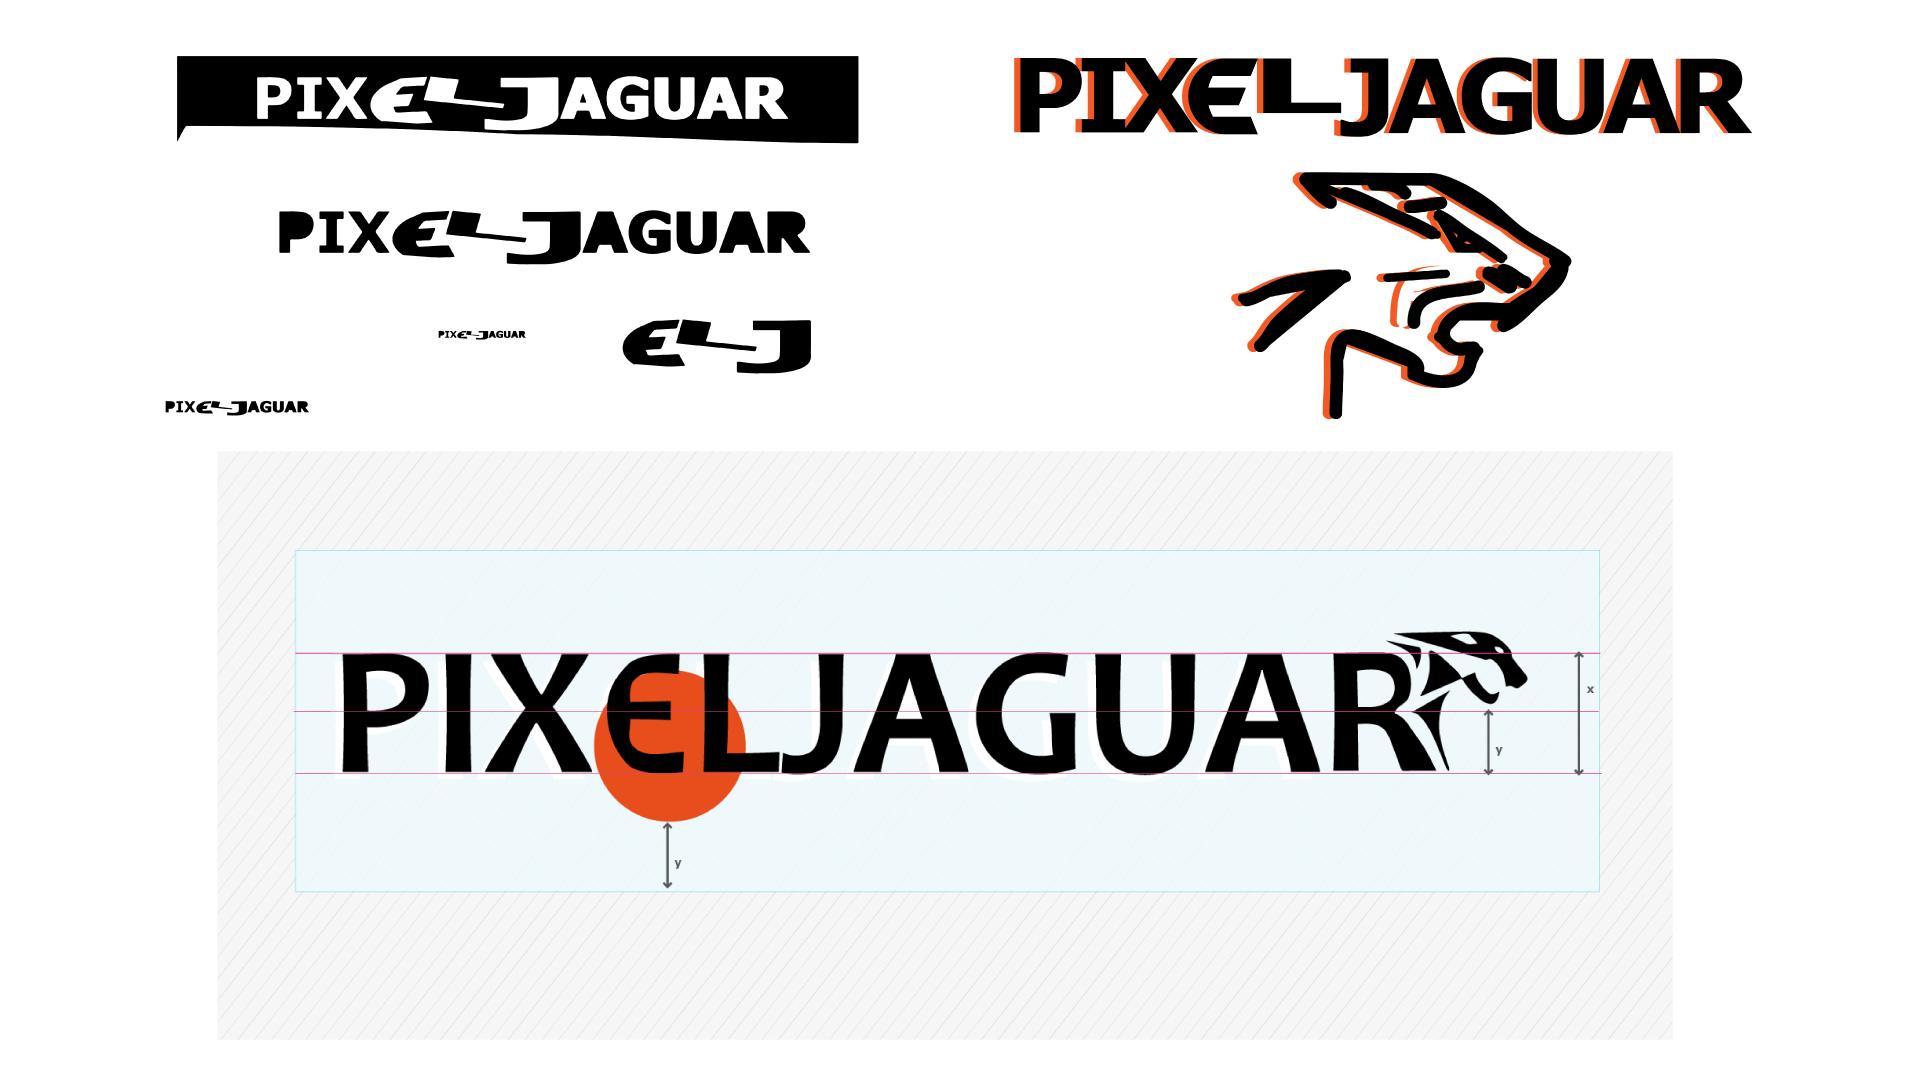 logo-pixeljaguar-v1-by-elj-2012-archive-recherche-graphique-logo-final